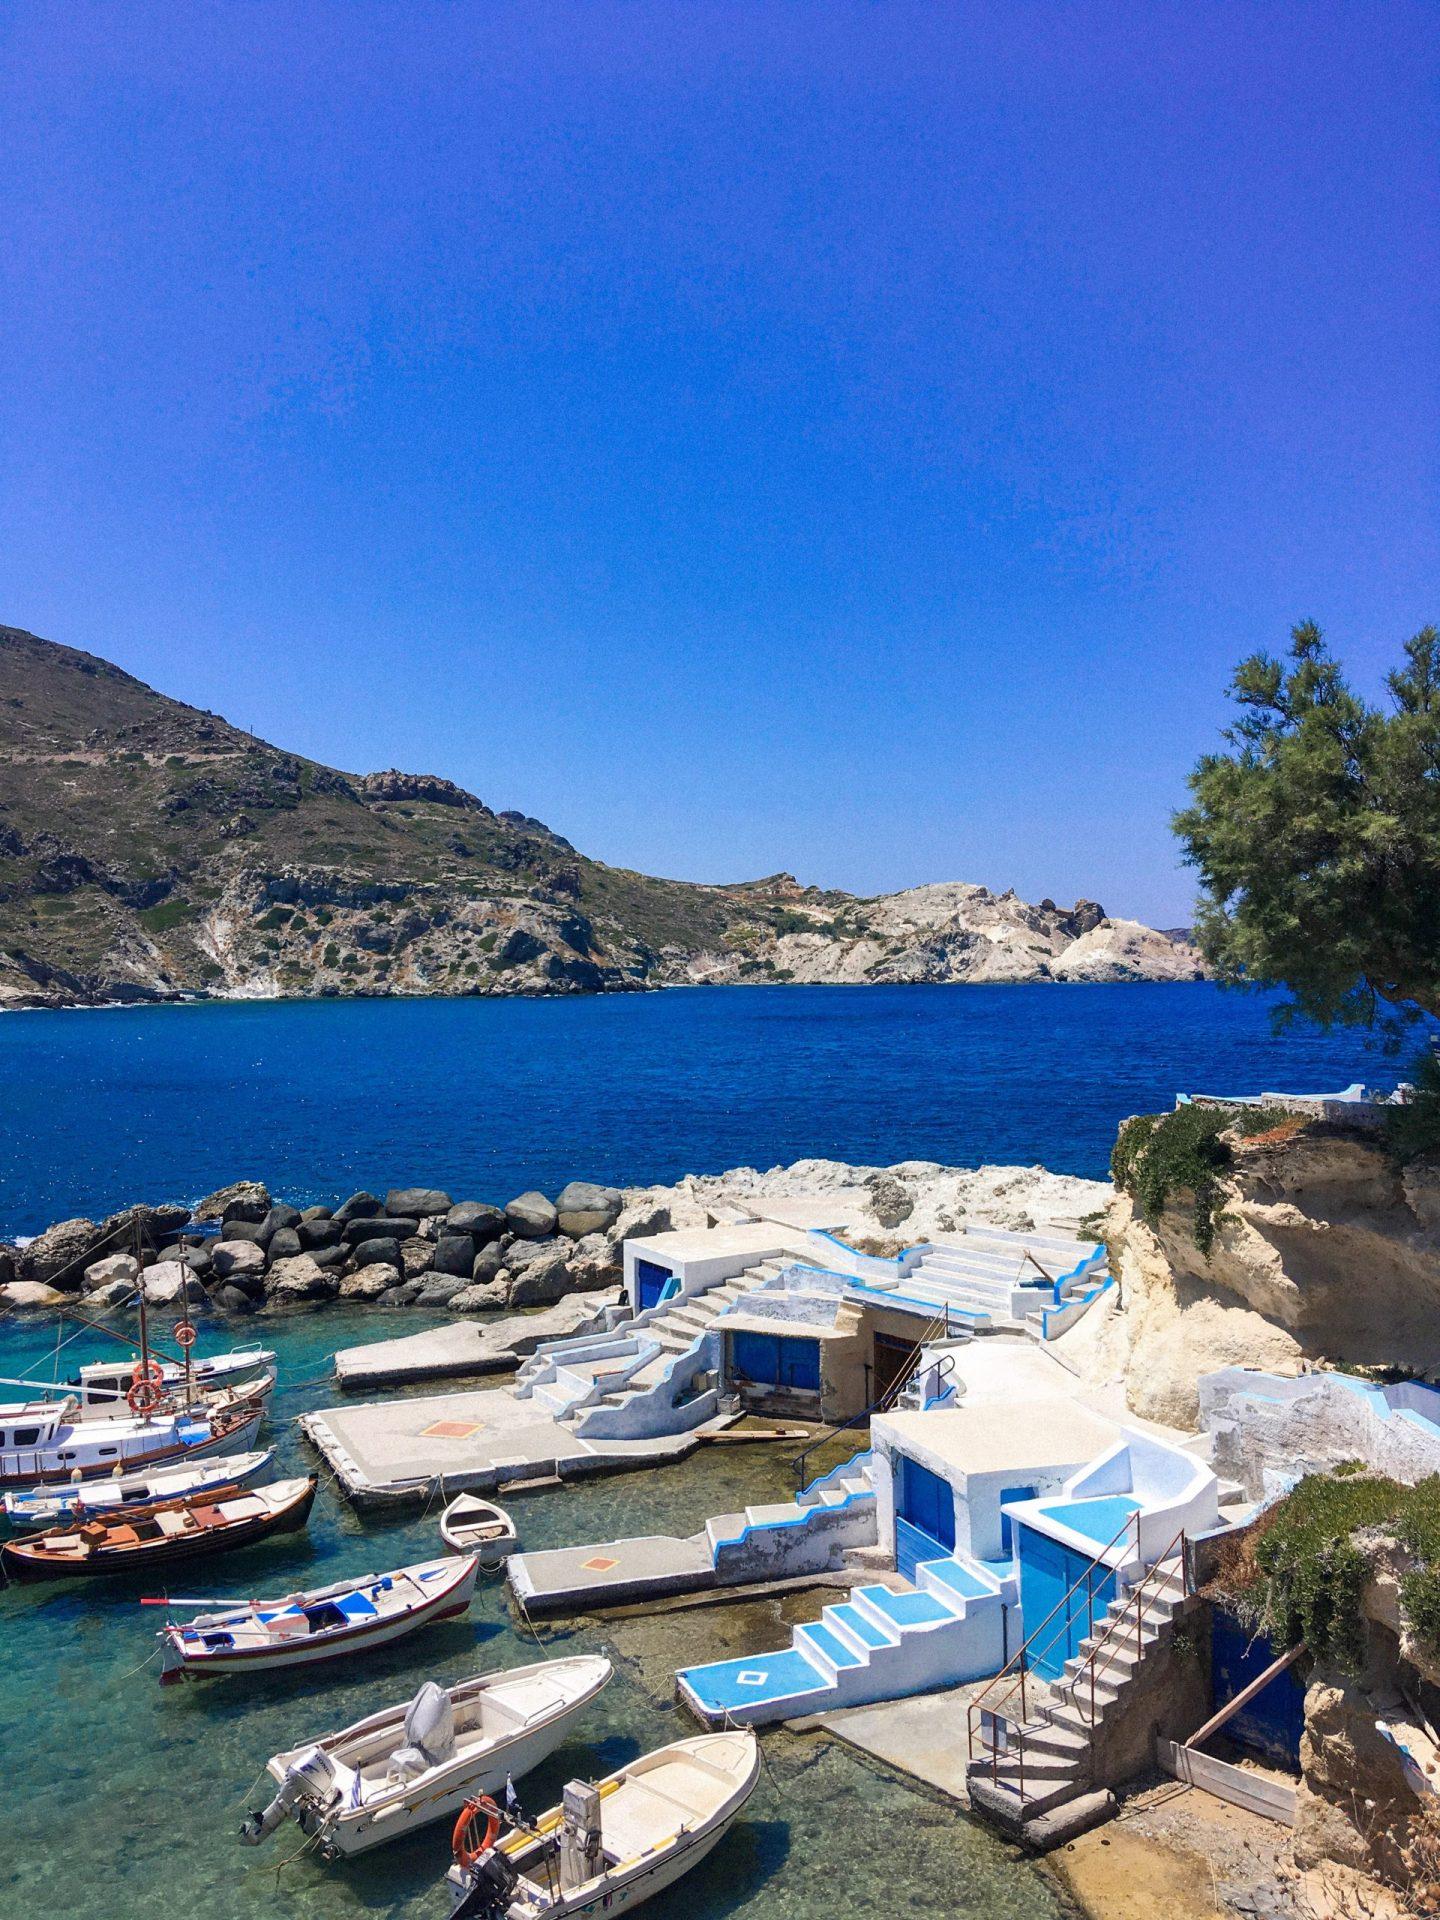 Boats in Milos